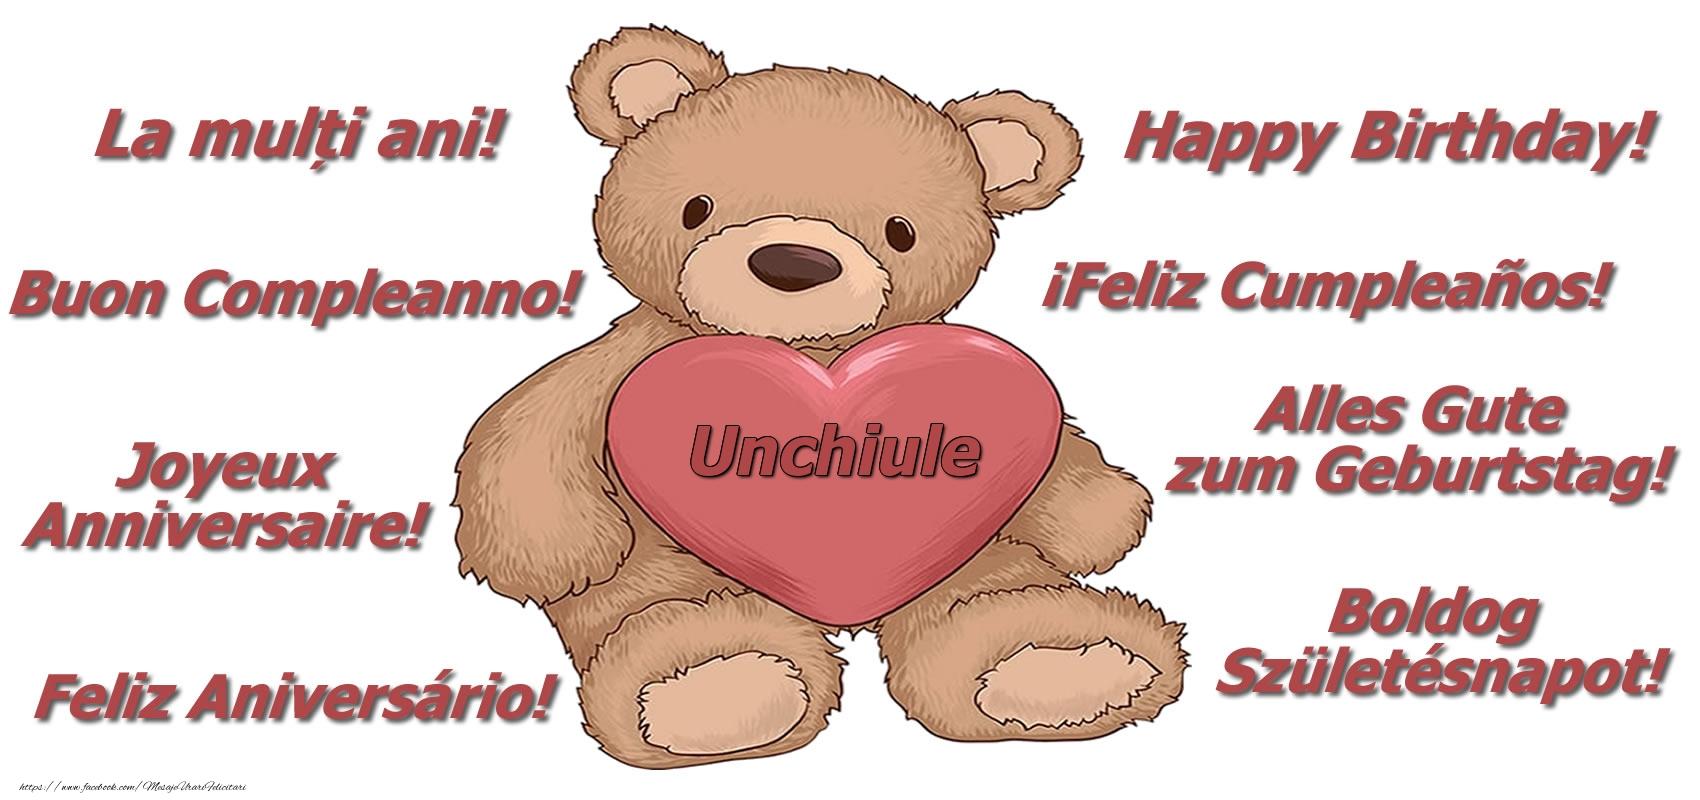 Felicitari de zi de nastere pentru Unchi - La multi ani unchiule! - Ursulet